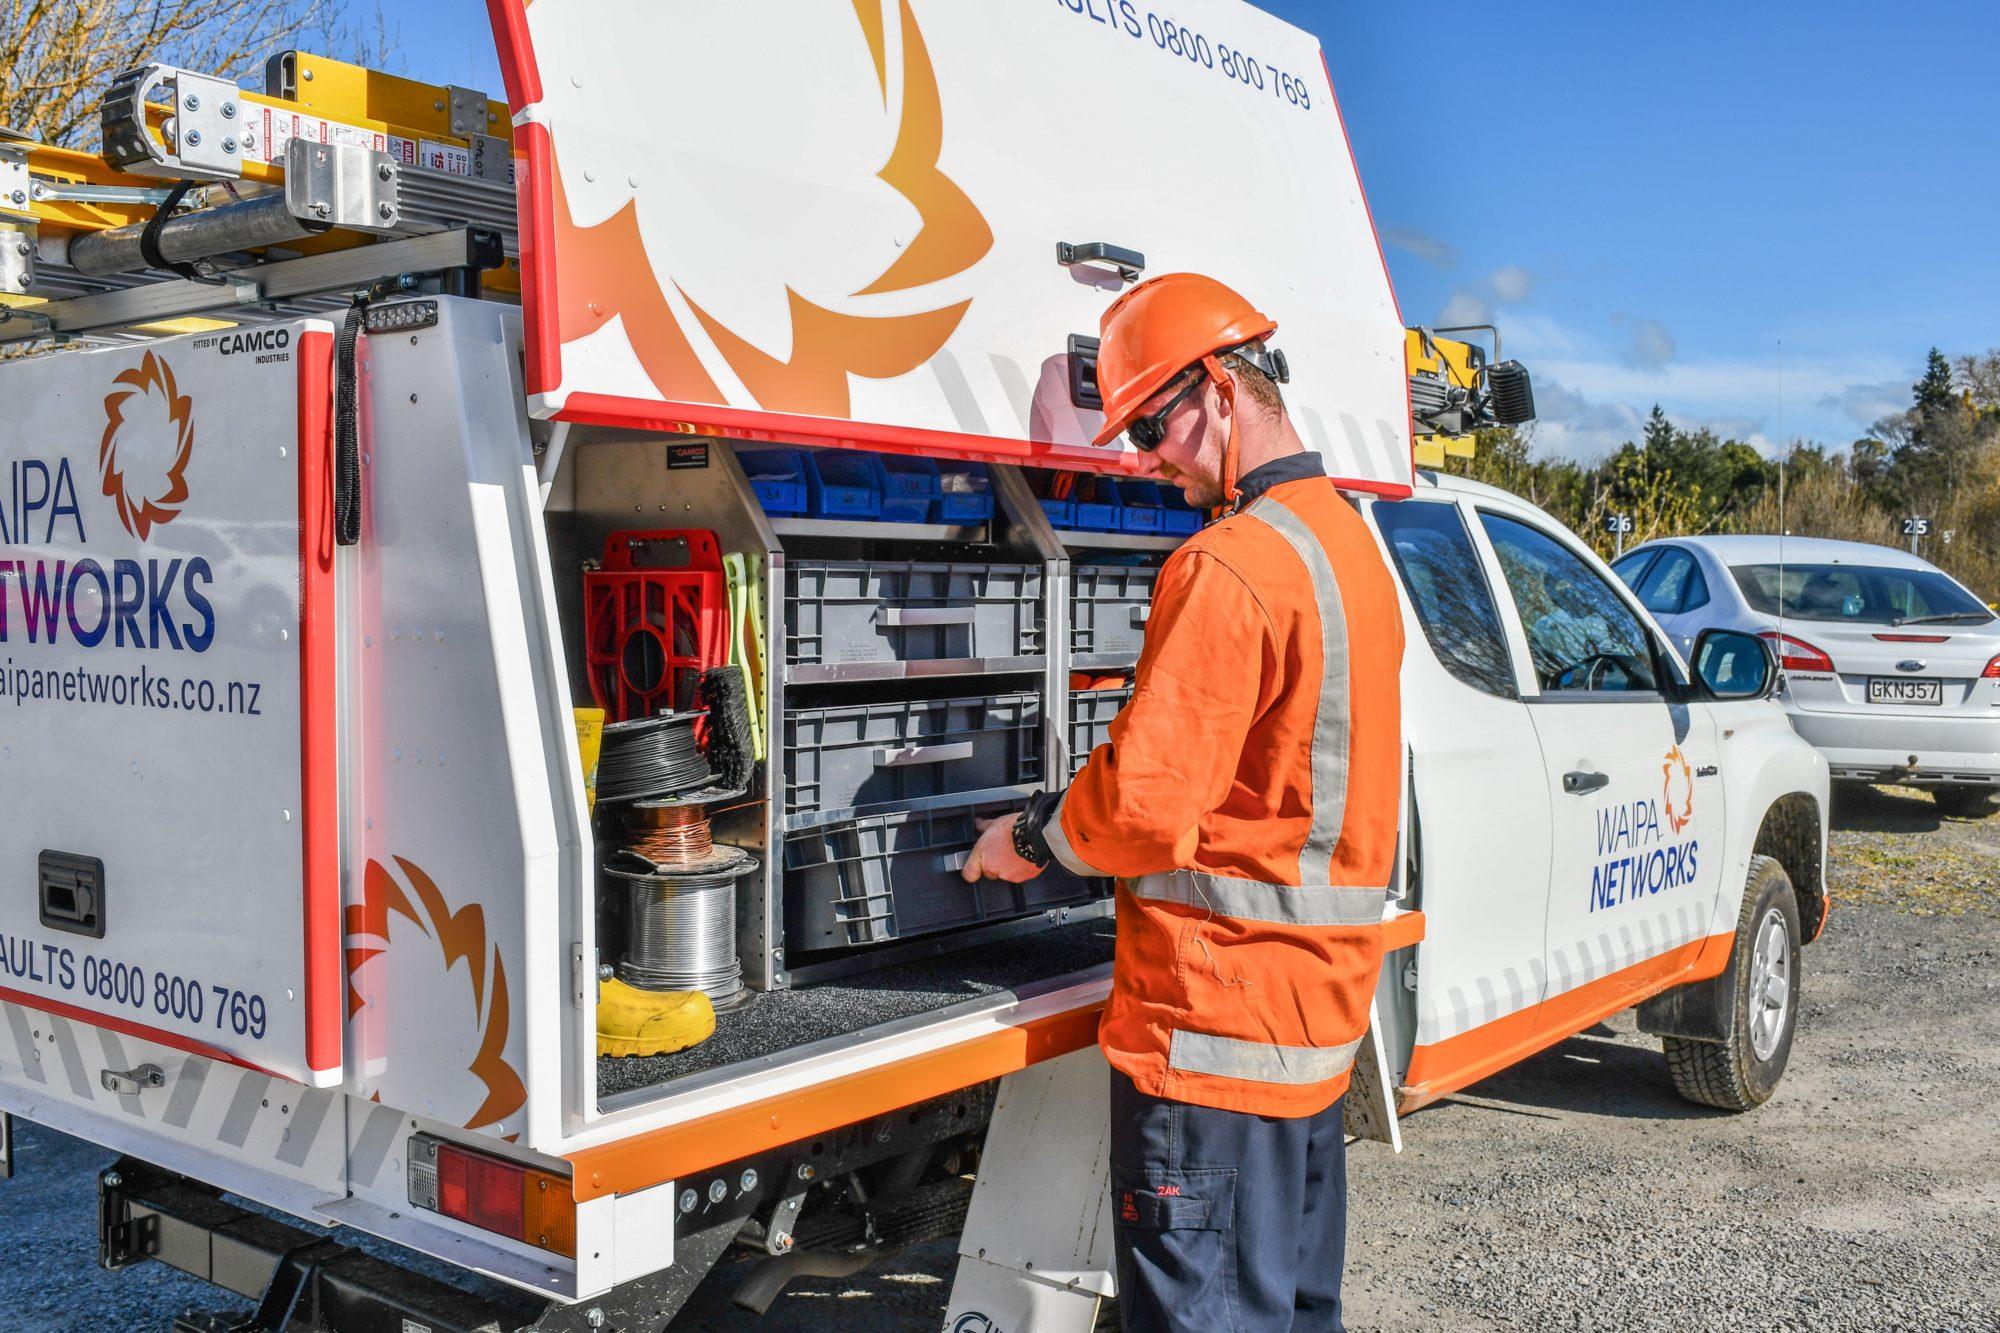 Waipa Networks Case Study